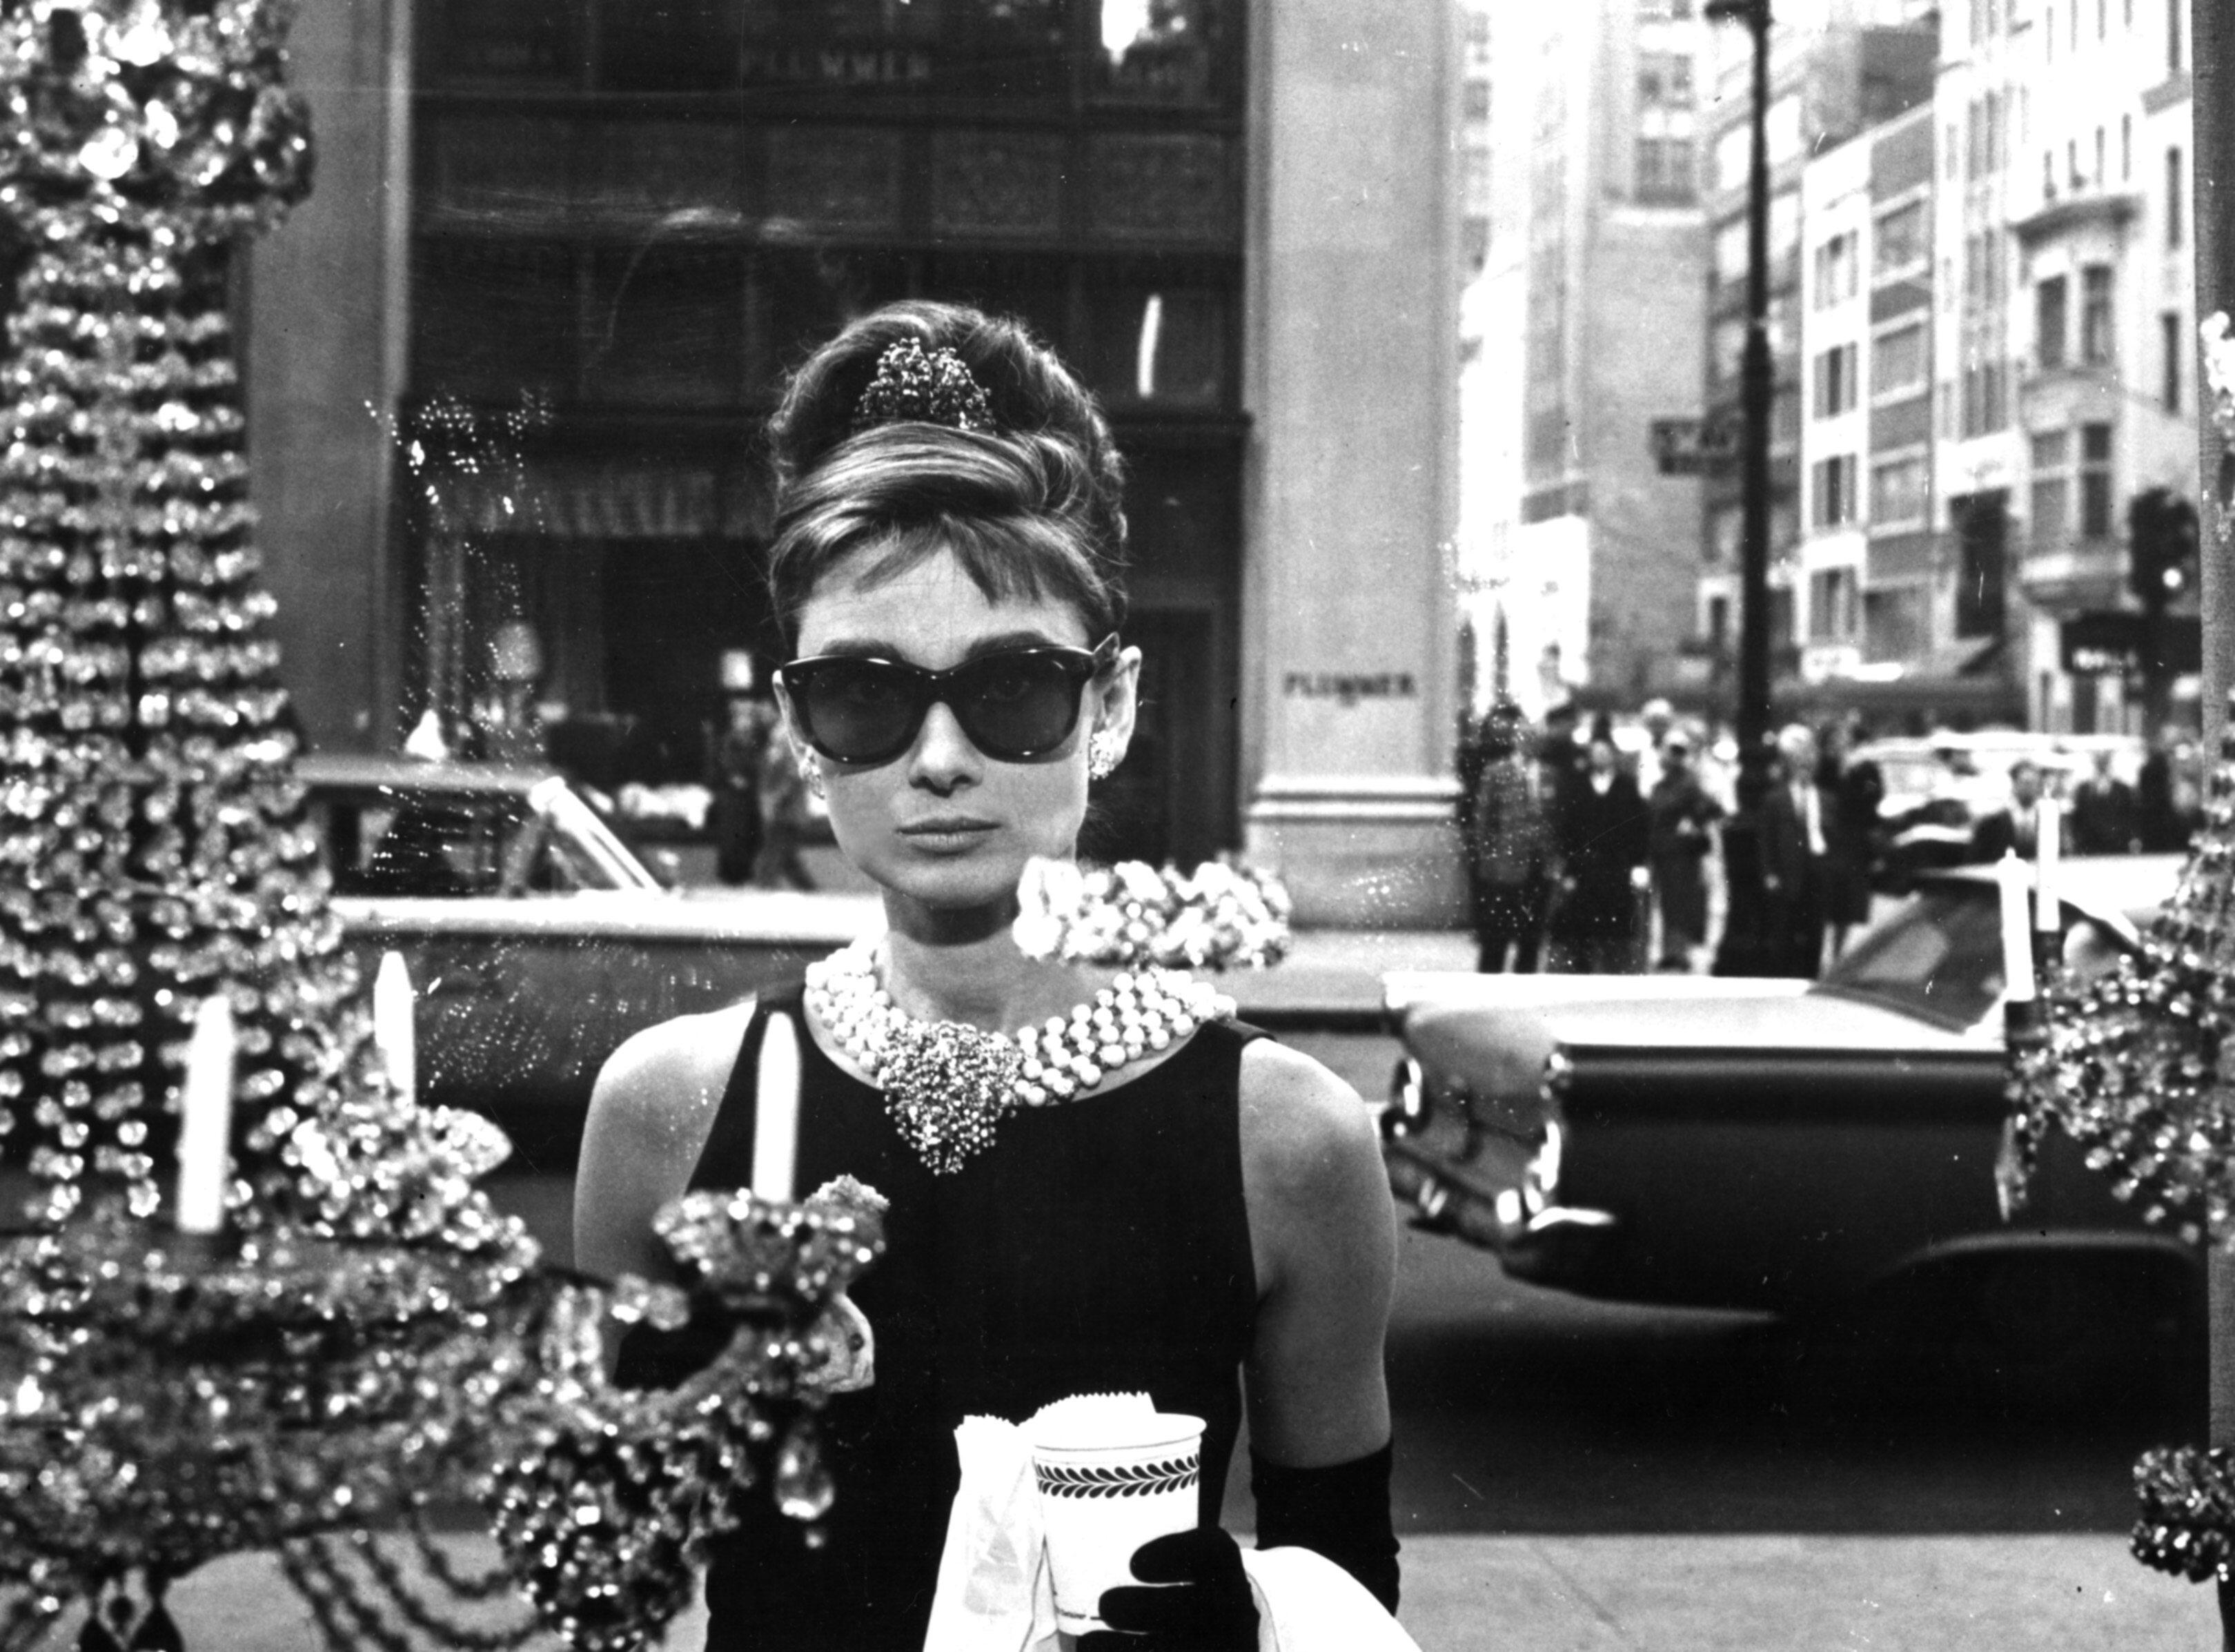 Śniadanie u Tiffany'ego / Breakfast at Tiffany's (1961)